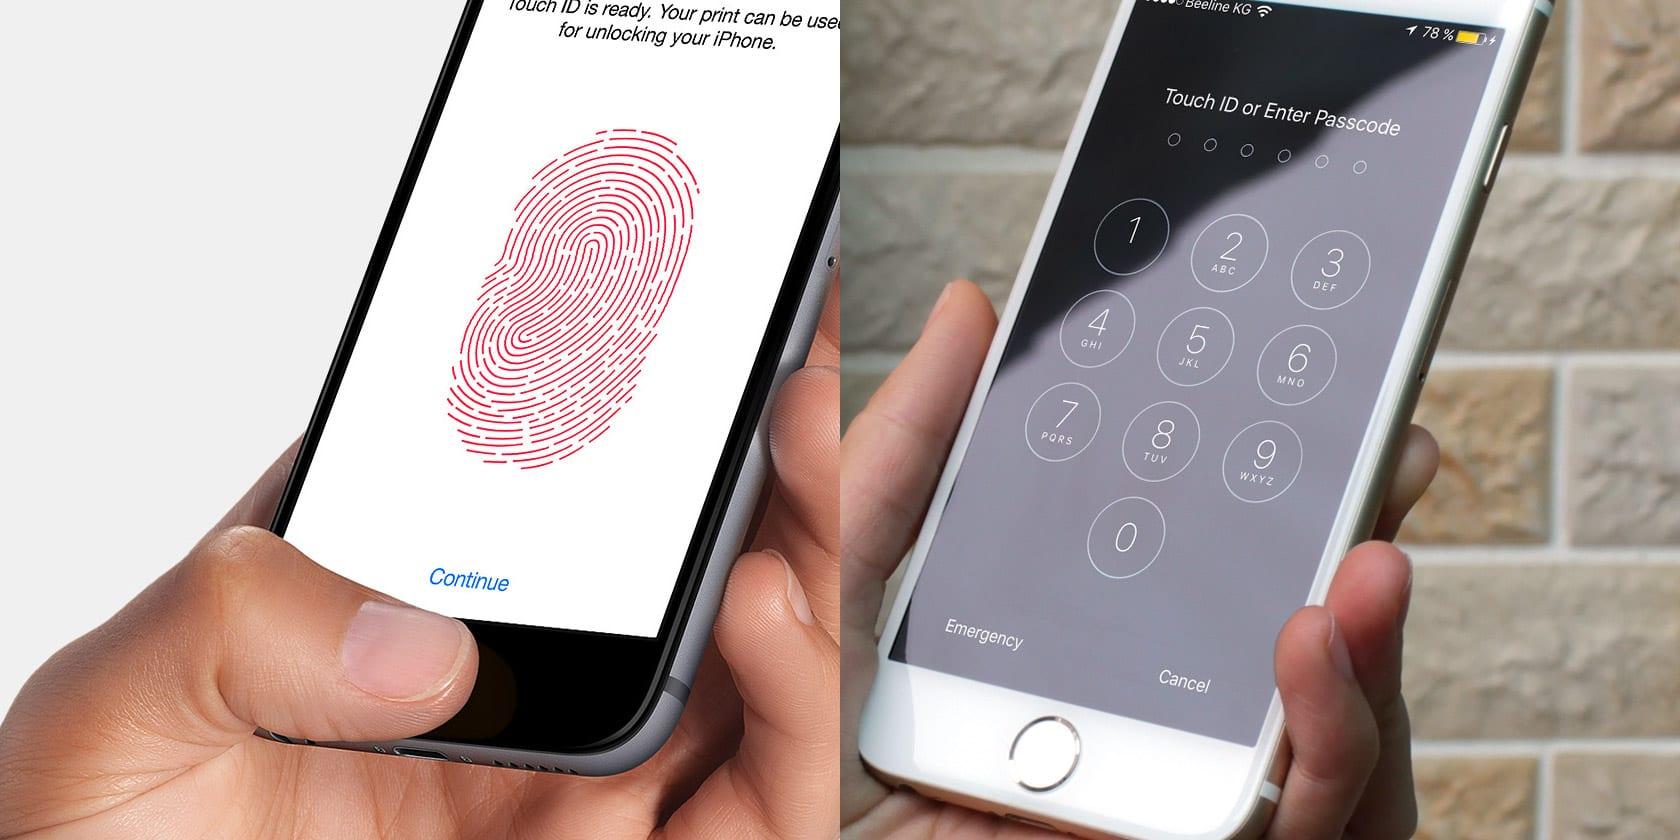 iphone-pin-fingerprint